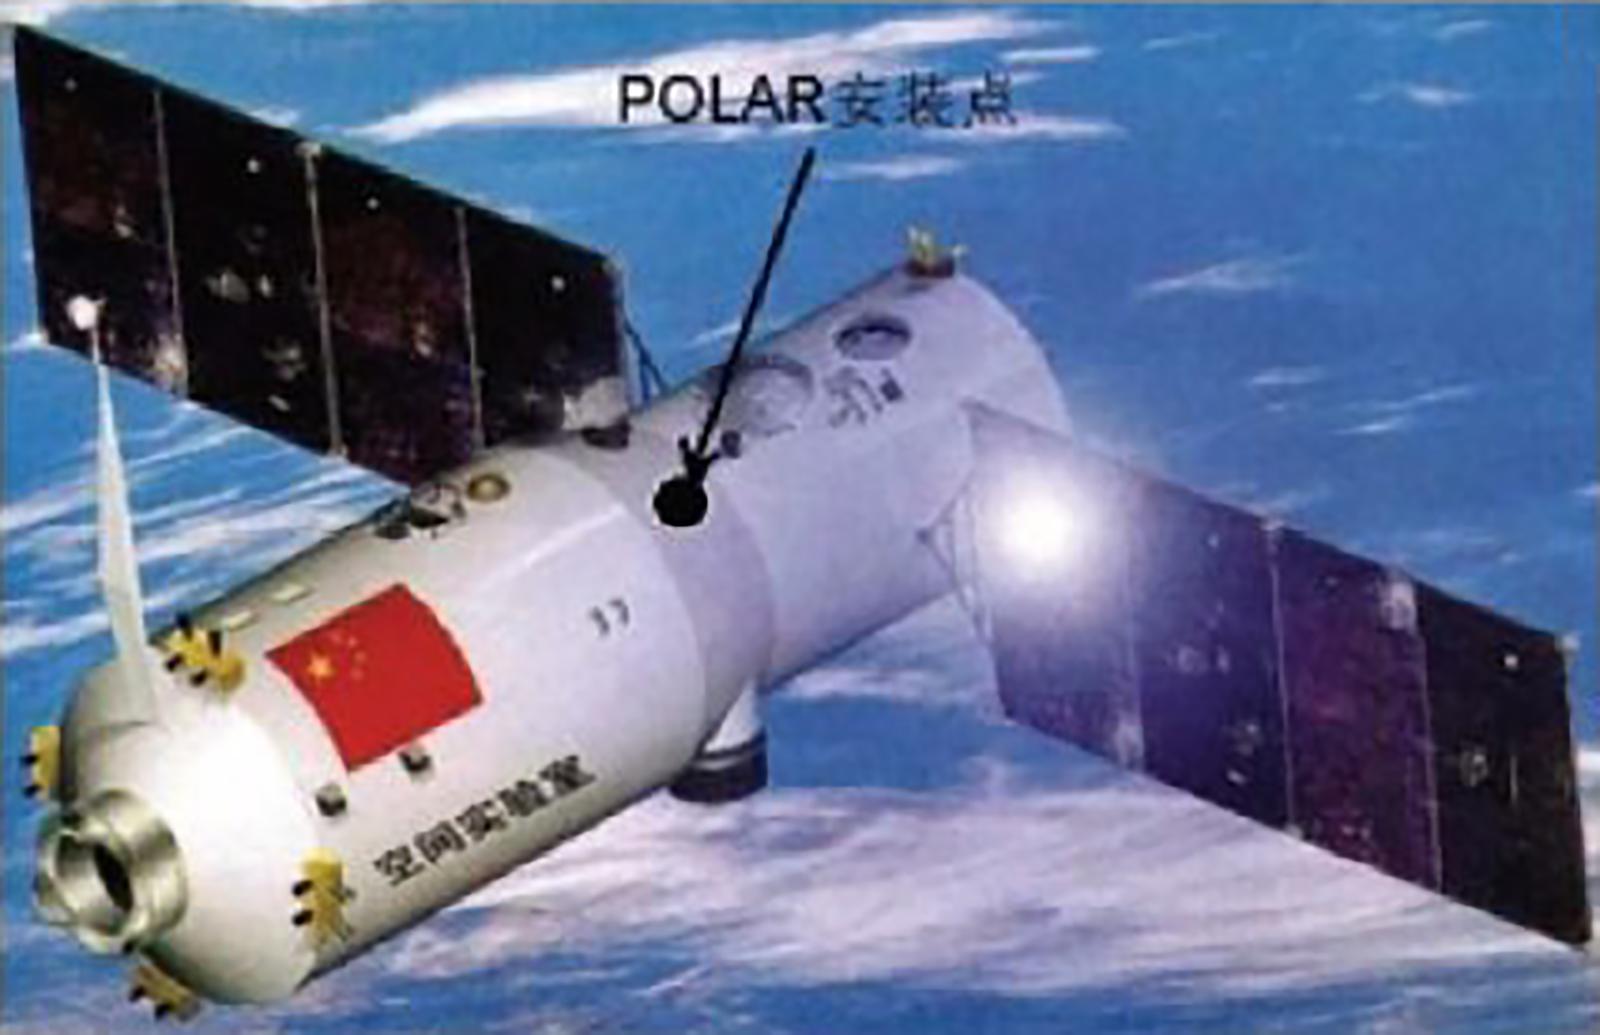 POLAR - Tiangong-2